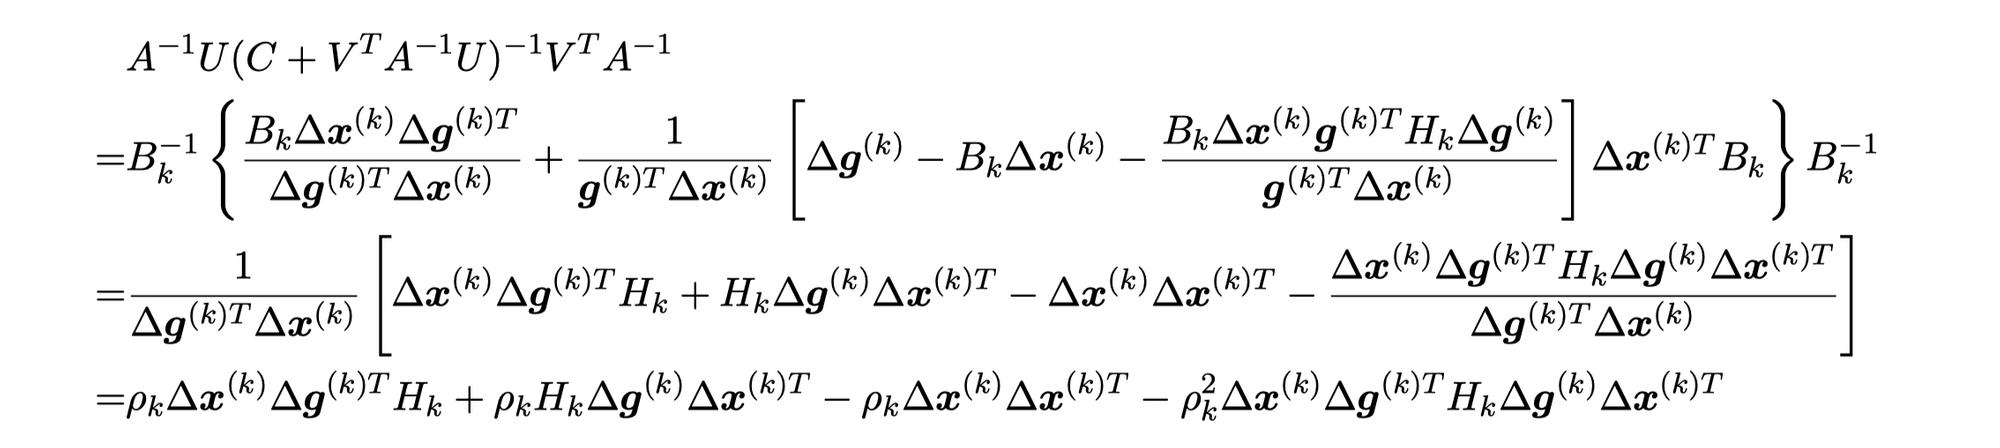 輸入復雜的公式